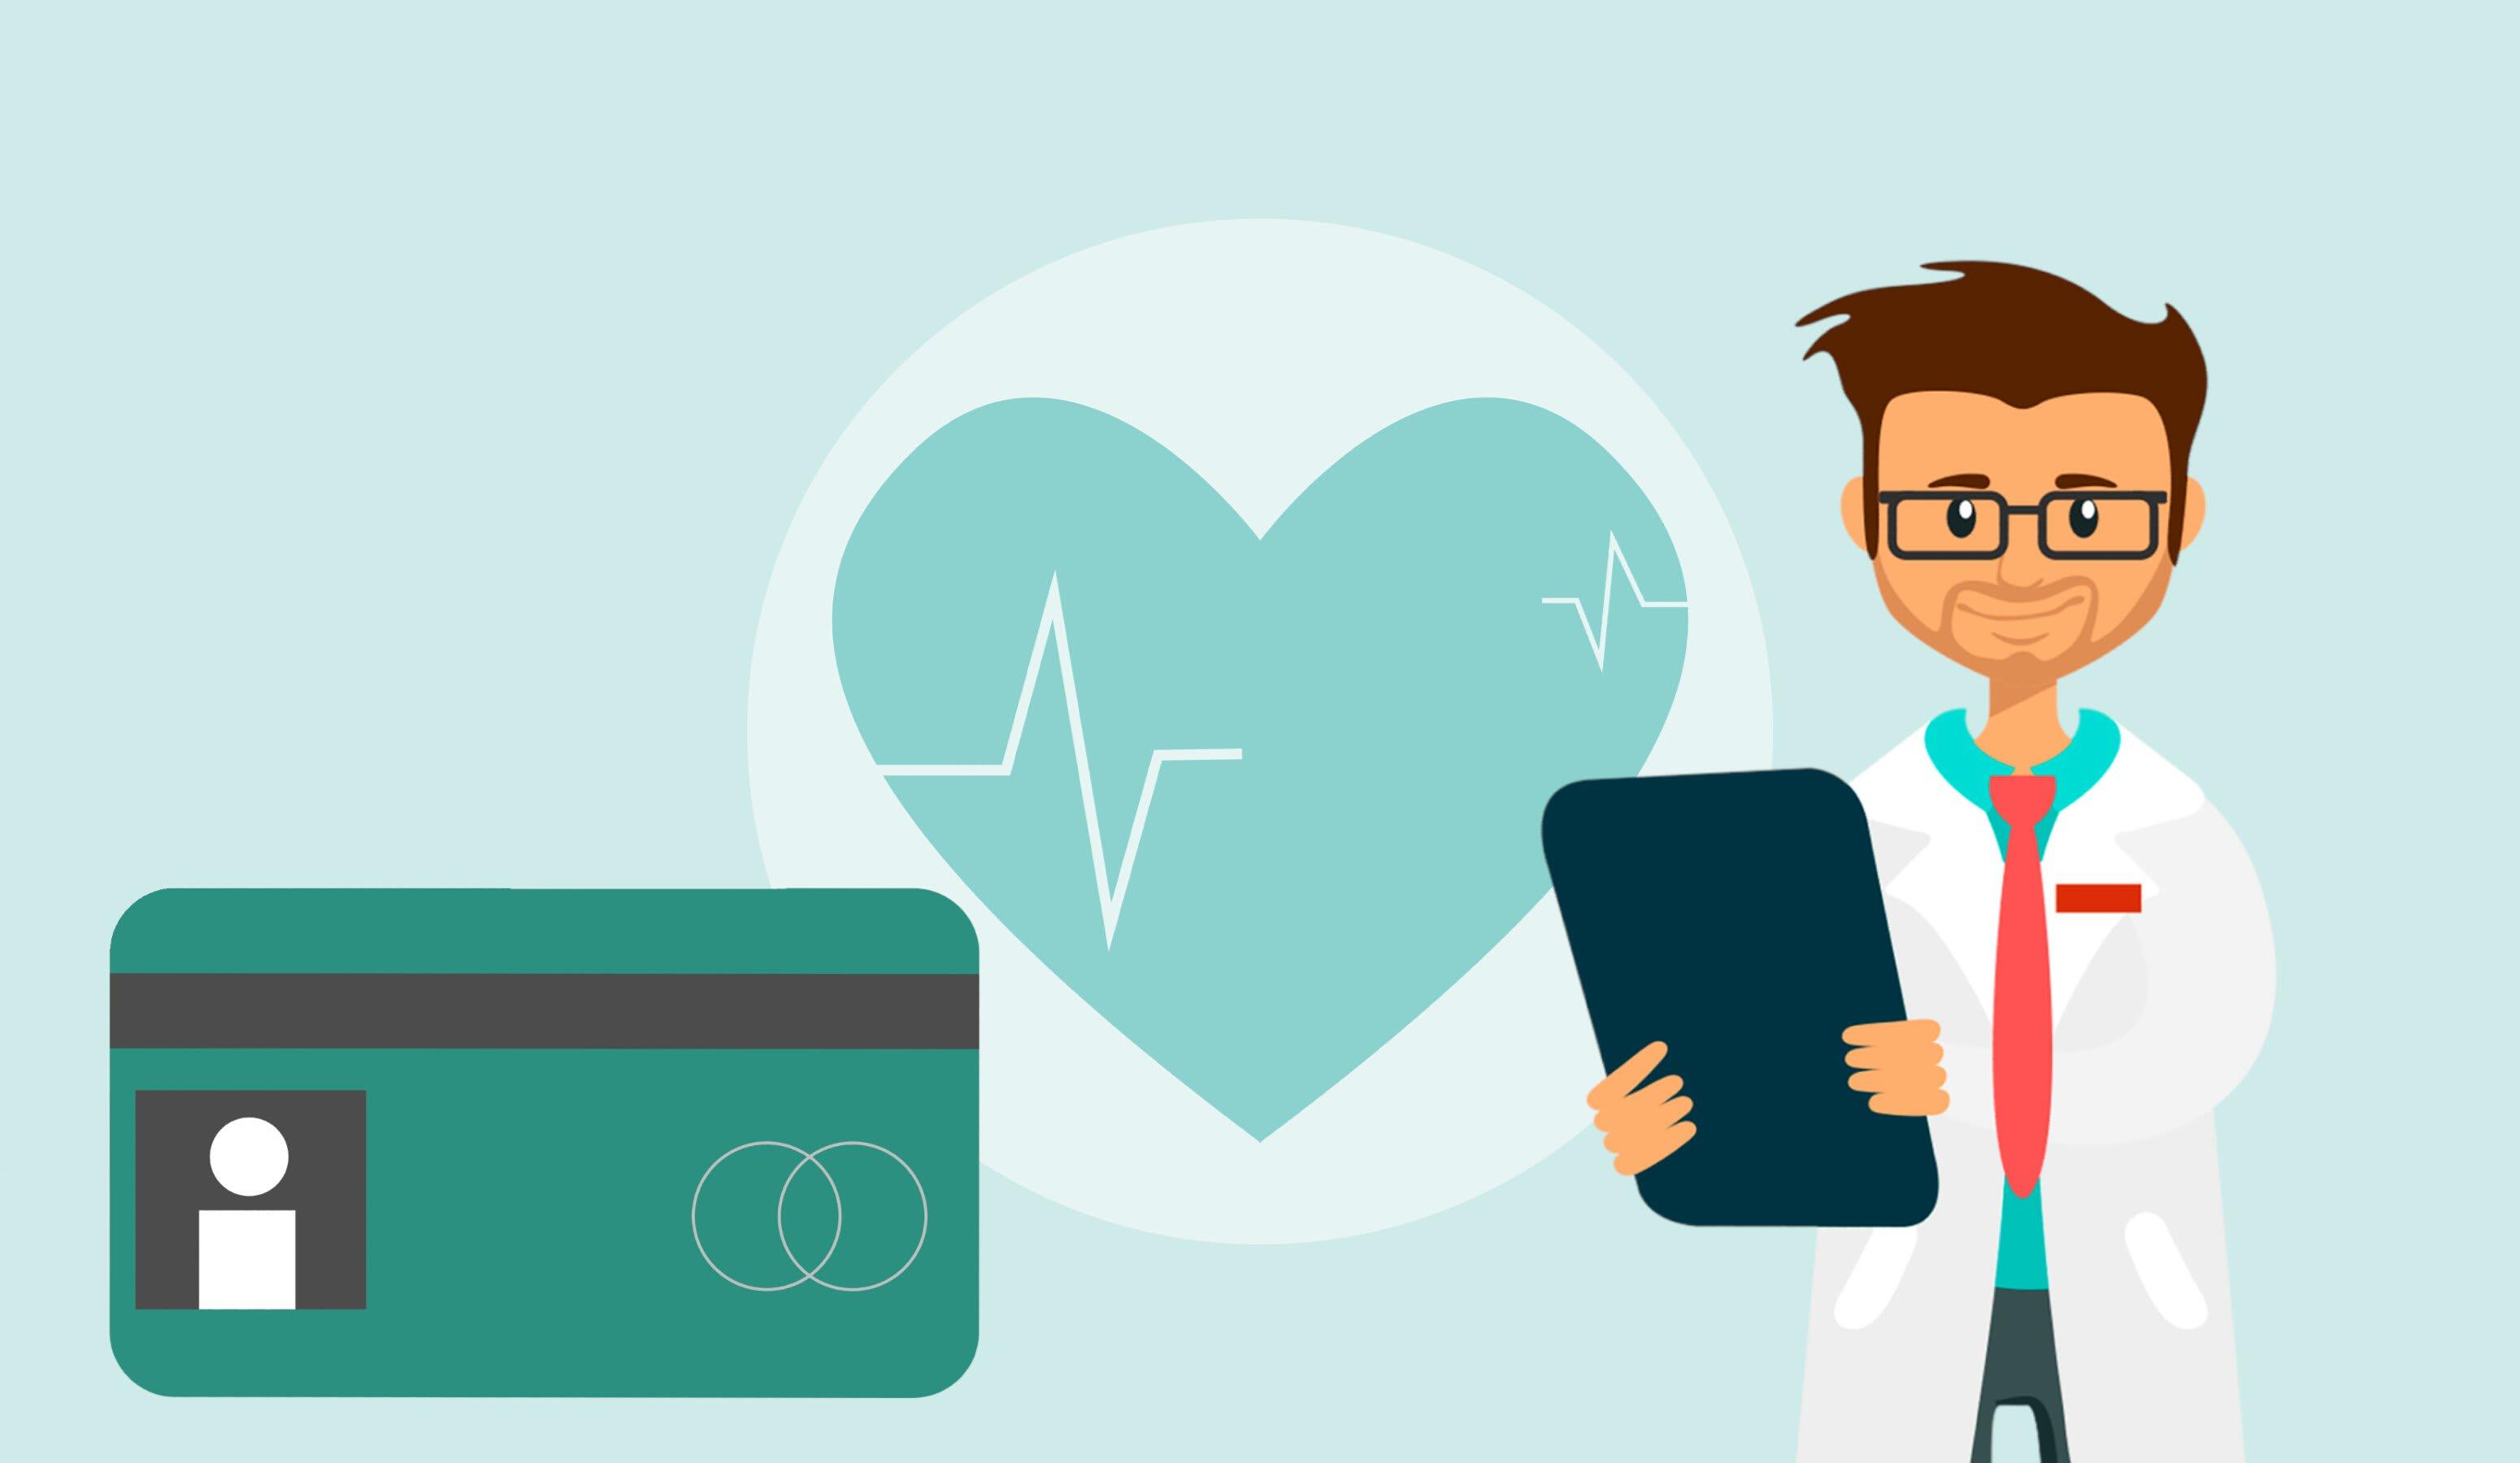 Base de remboursement - médecin carte santé - Santé - 3100x1800 - JPG